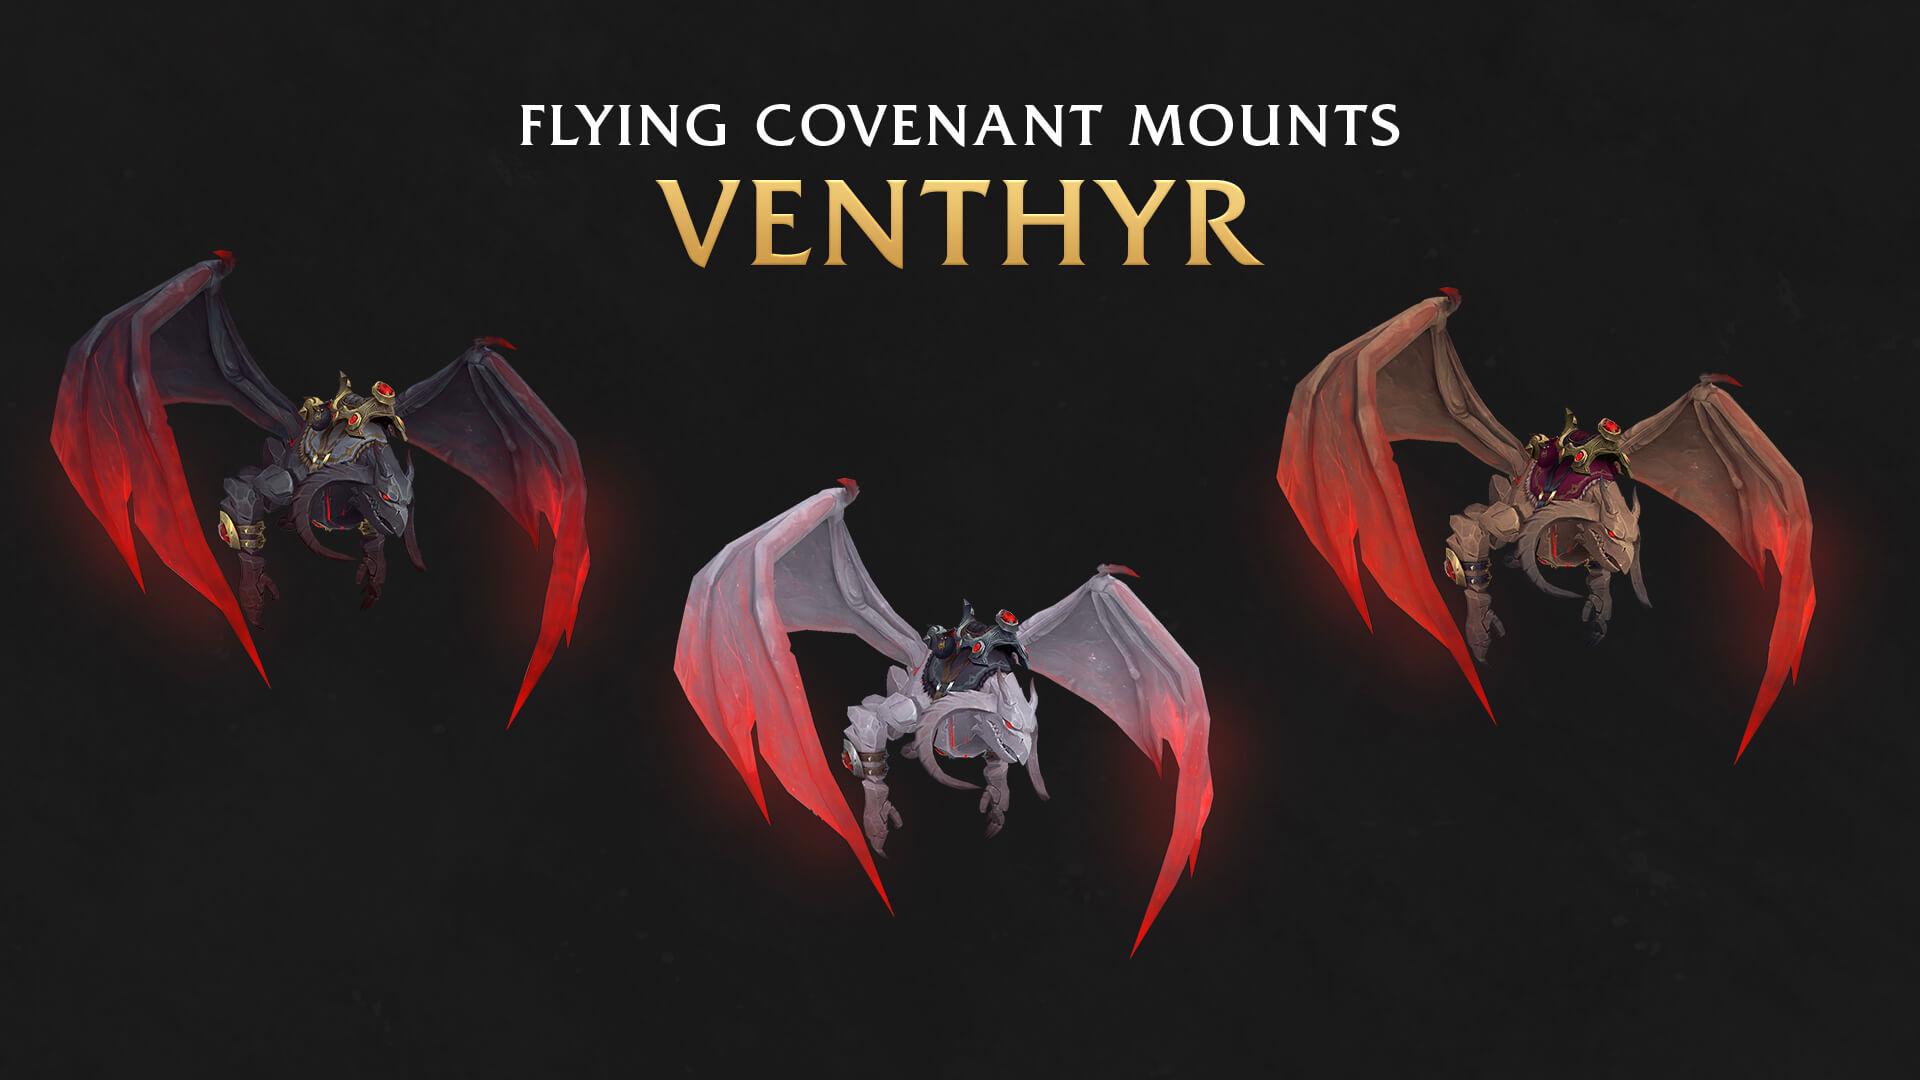 Летающие маунты ковенанта Вентиров